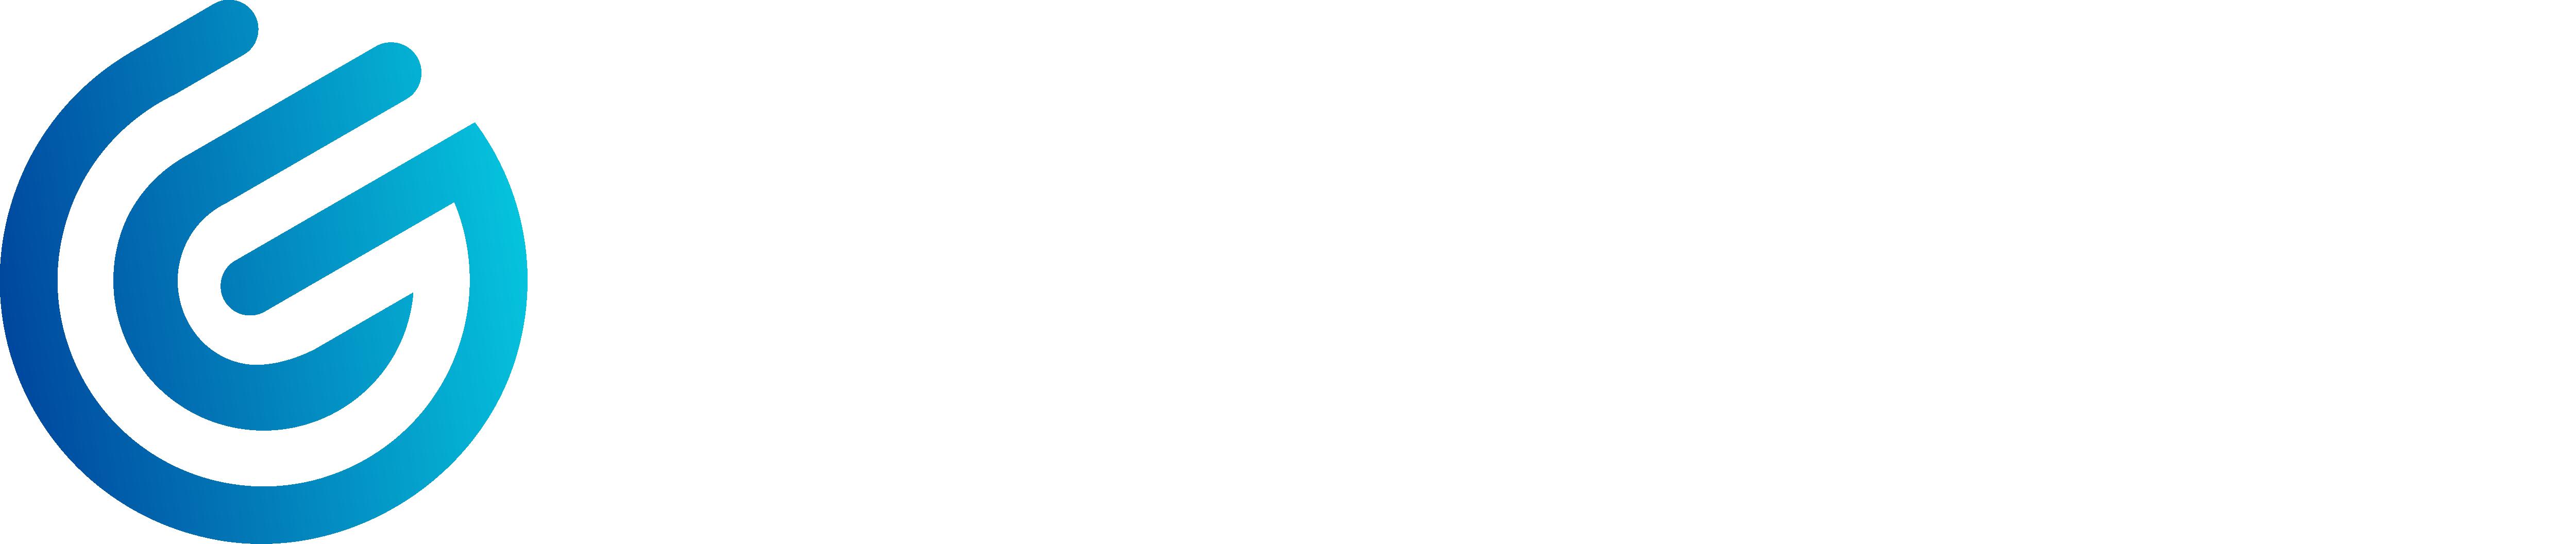 Gesif-logo